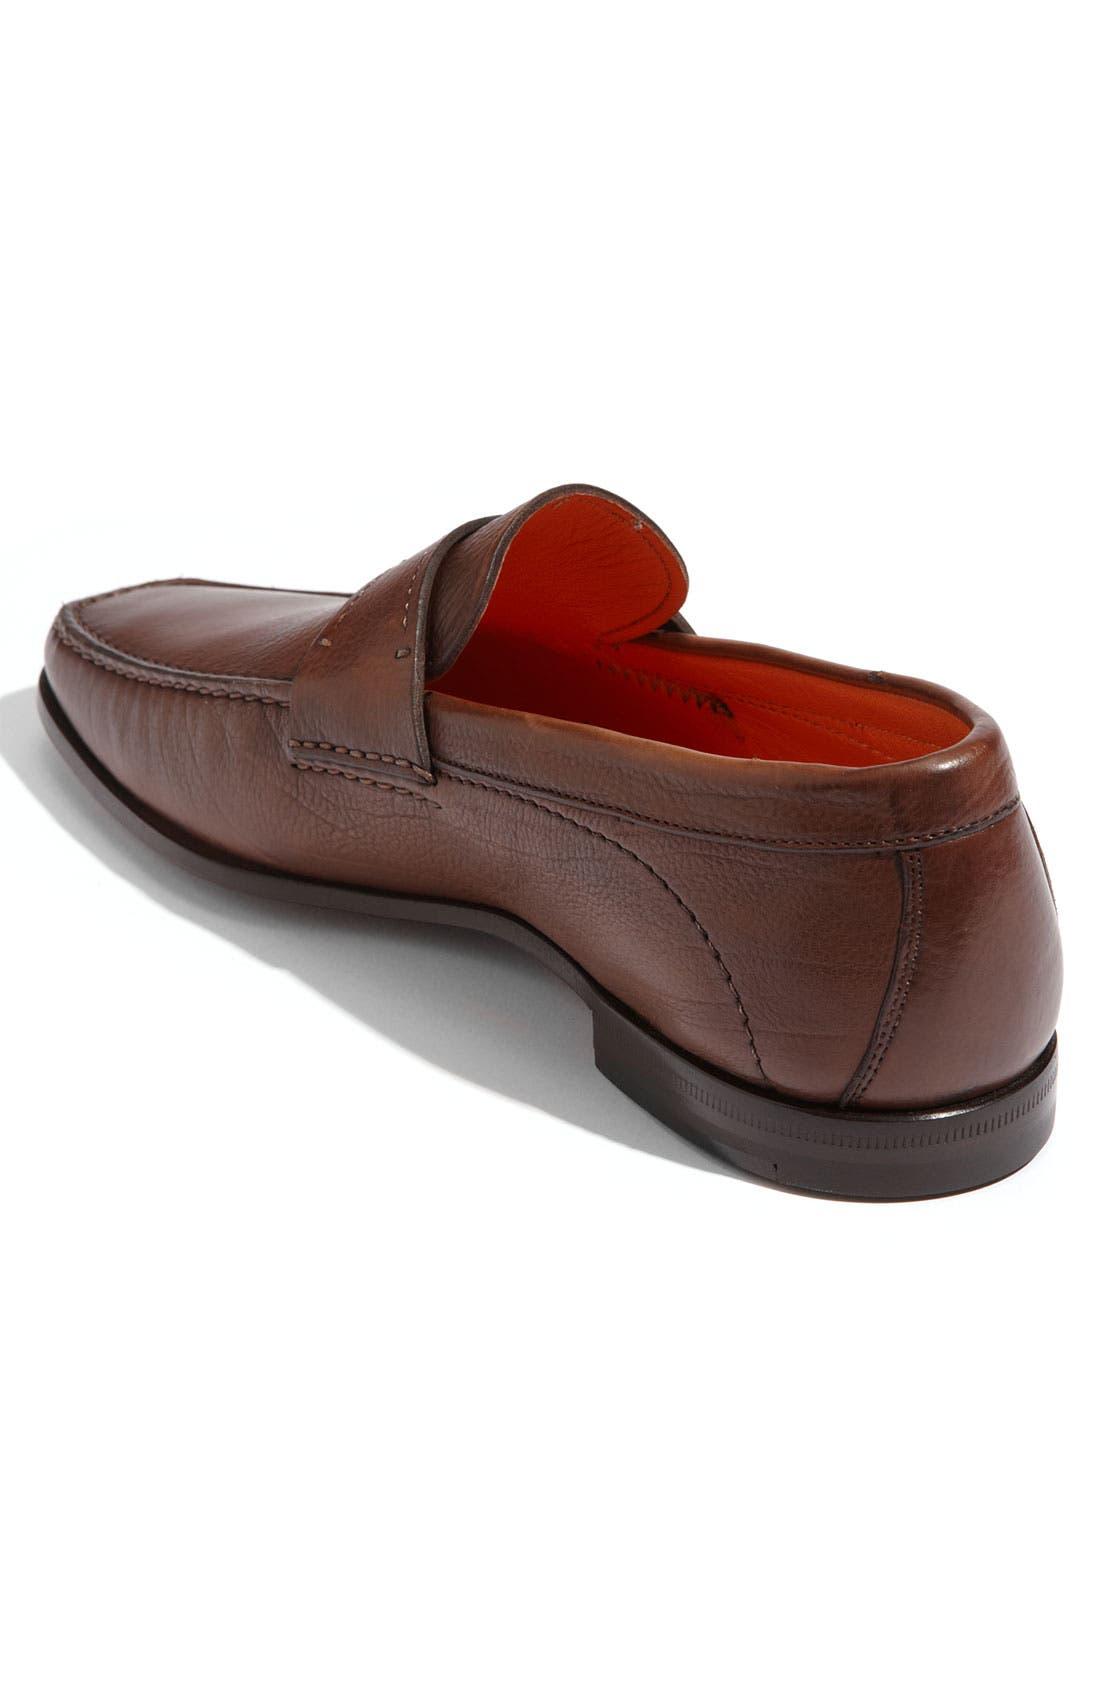 Alternate Image 2  - Santoni 'Quest' Loafer (Men)